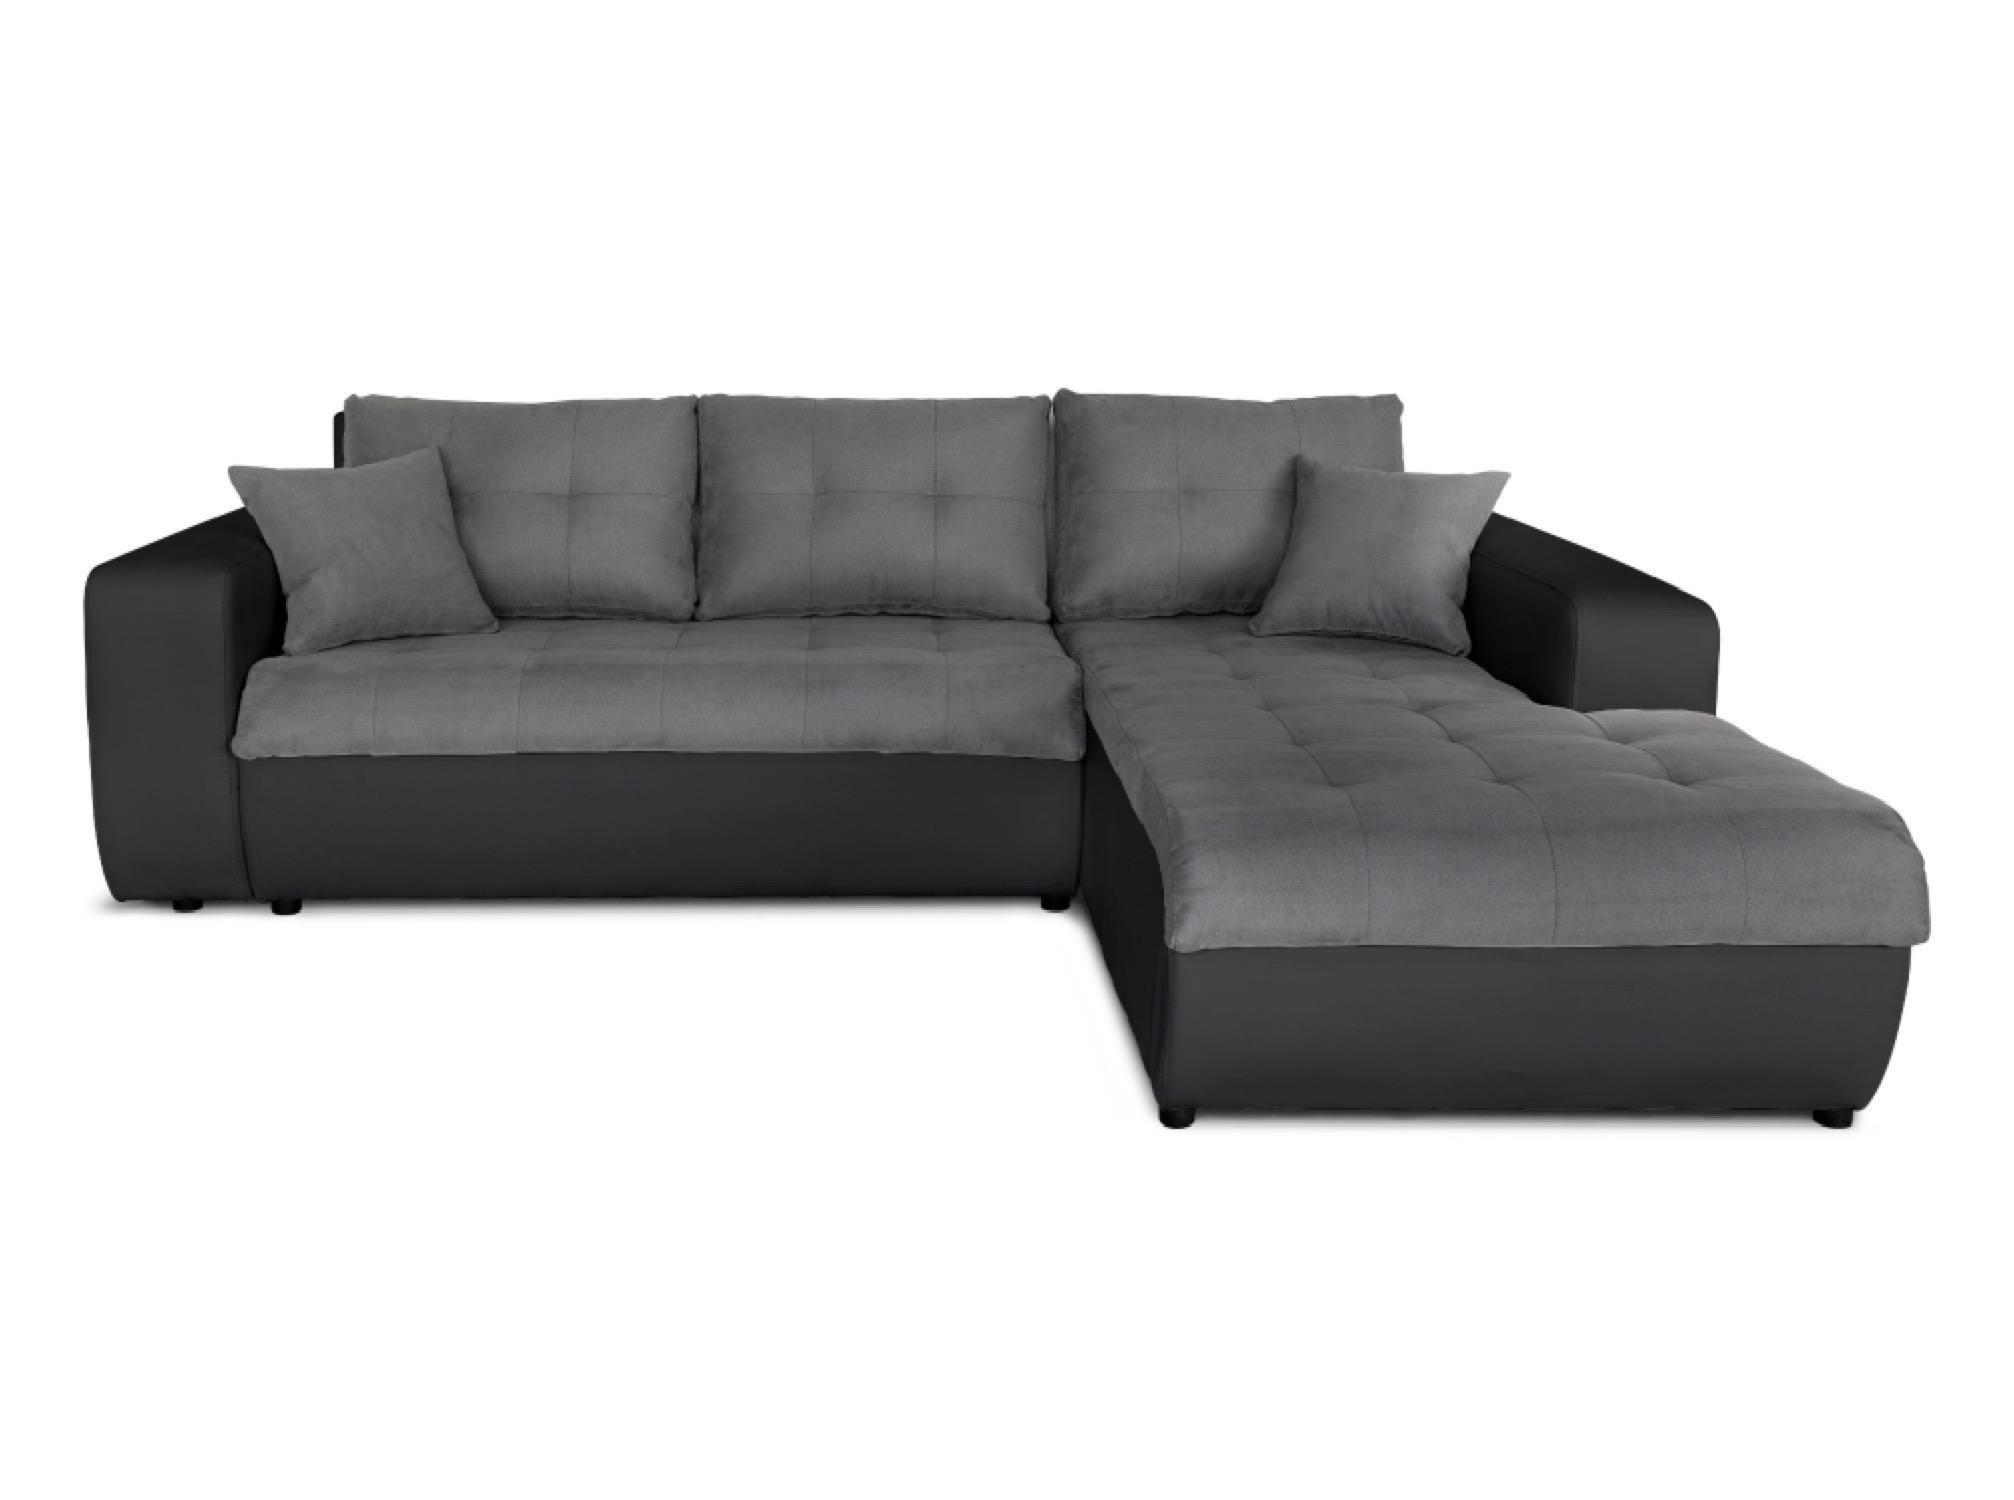 Canapé d'angle droit convertible 4 places gris/noir